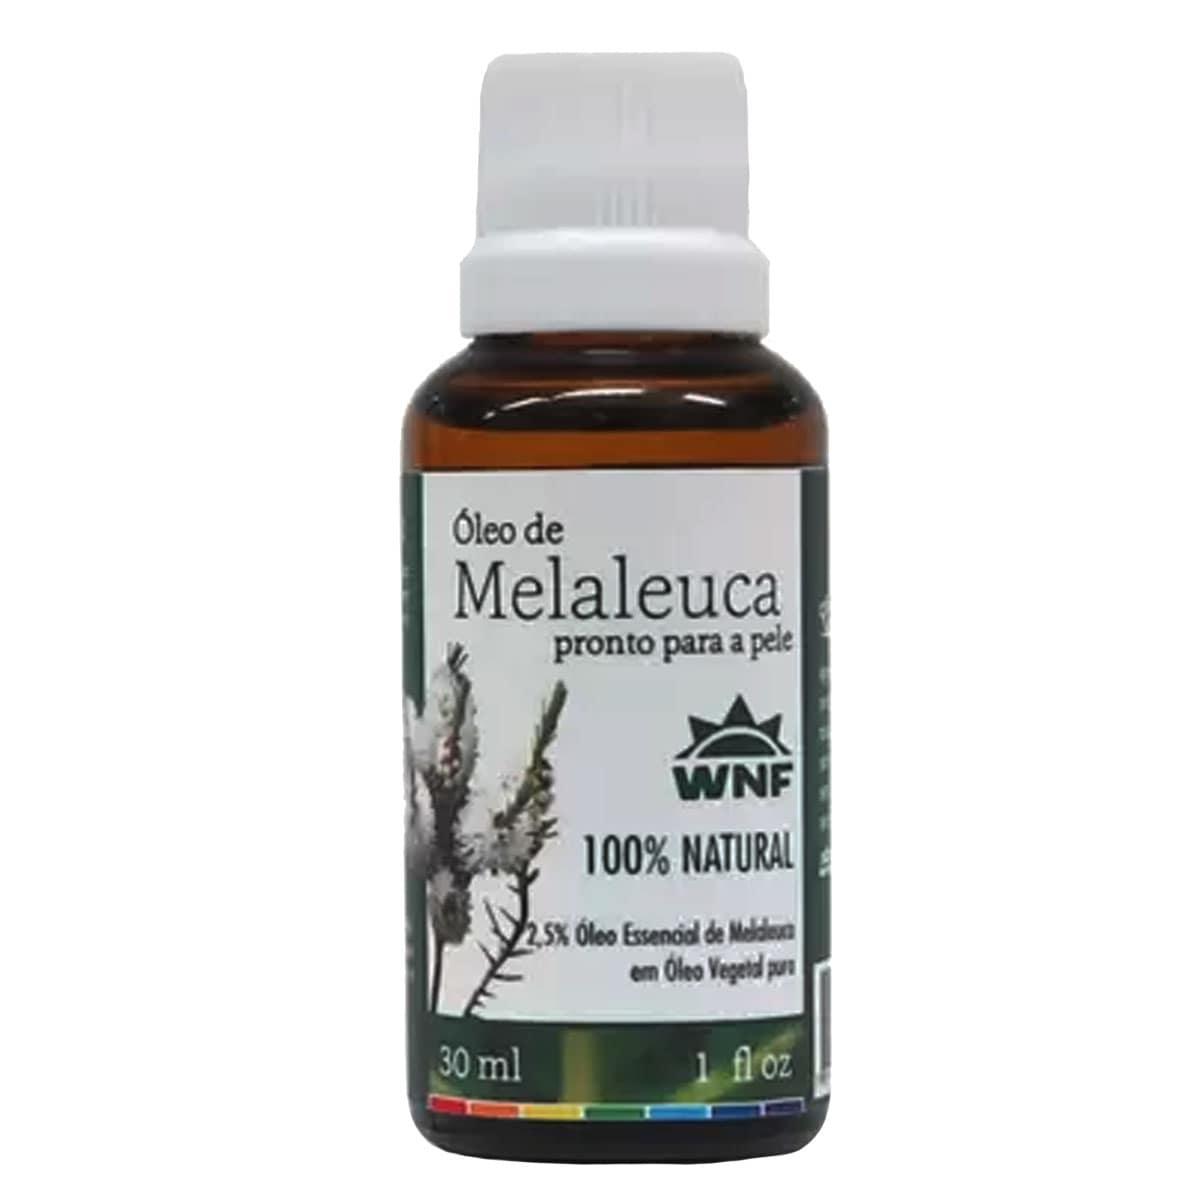 Óleo de Melaleuca pronto para pele 30 ml - WNF